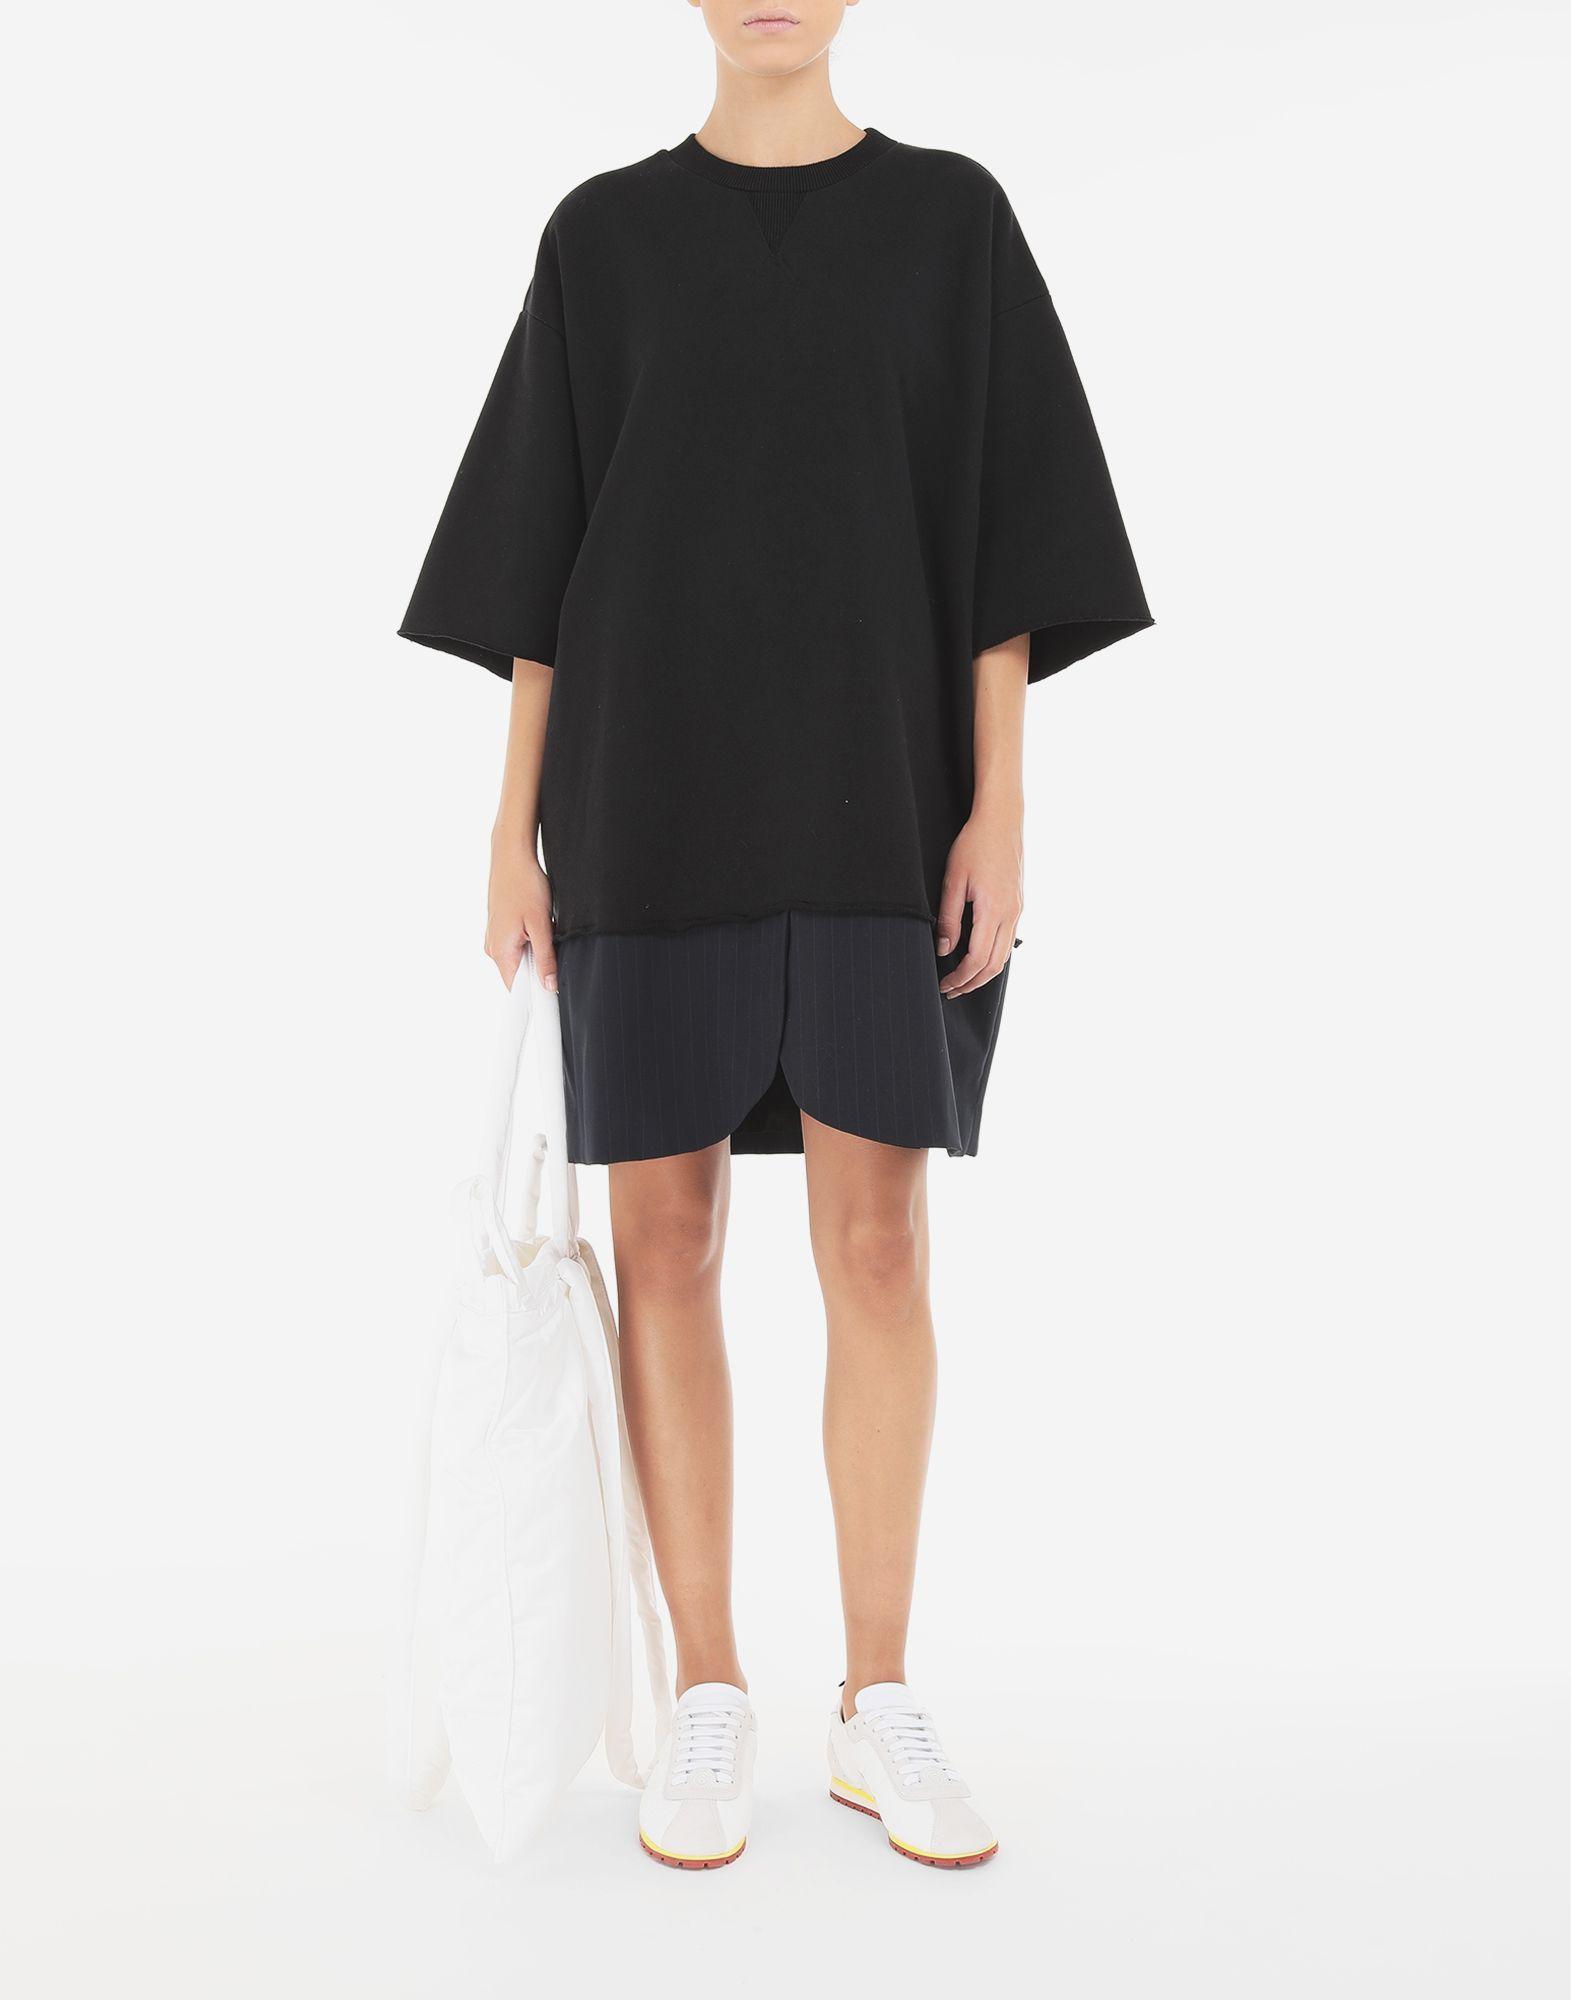 MM6 MAISON MARGIELA Spliced T-shirt dress Dress Woman e